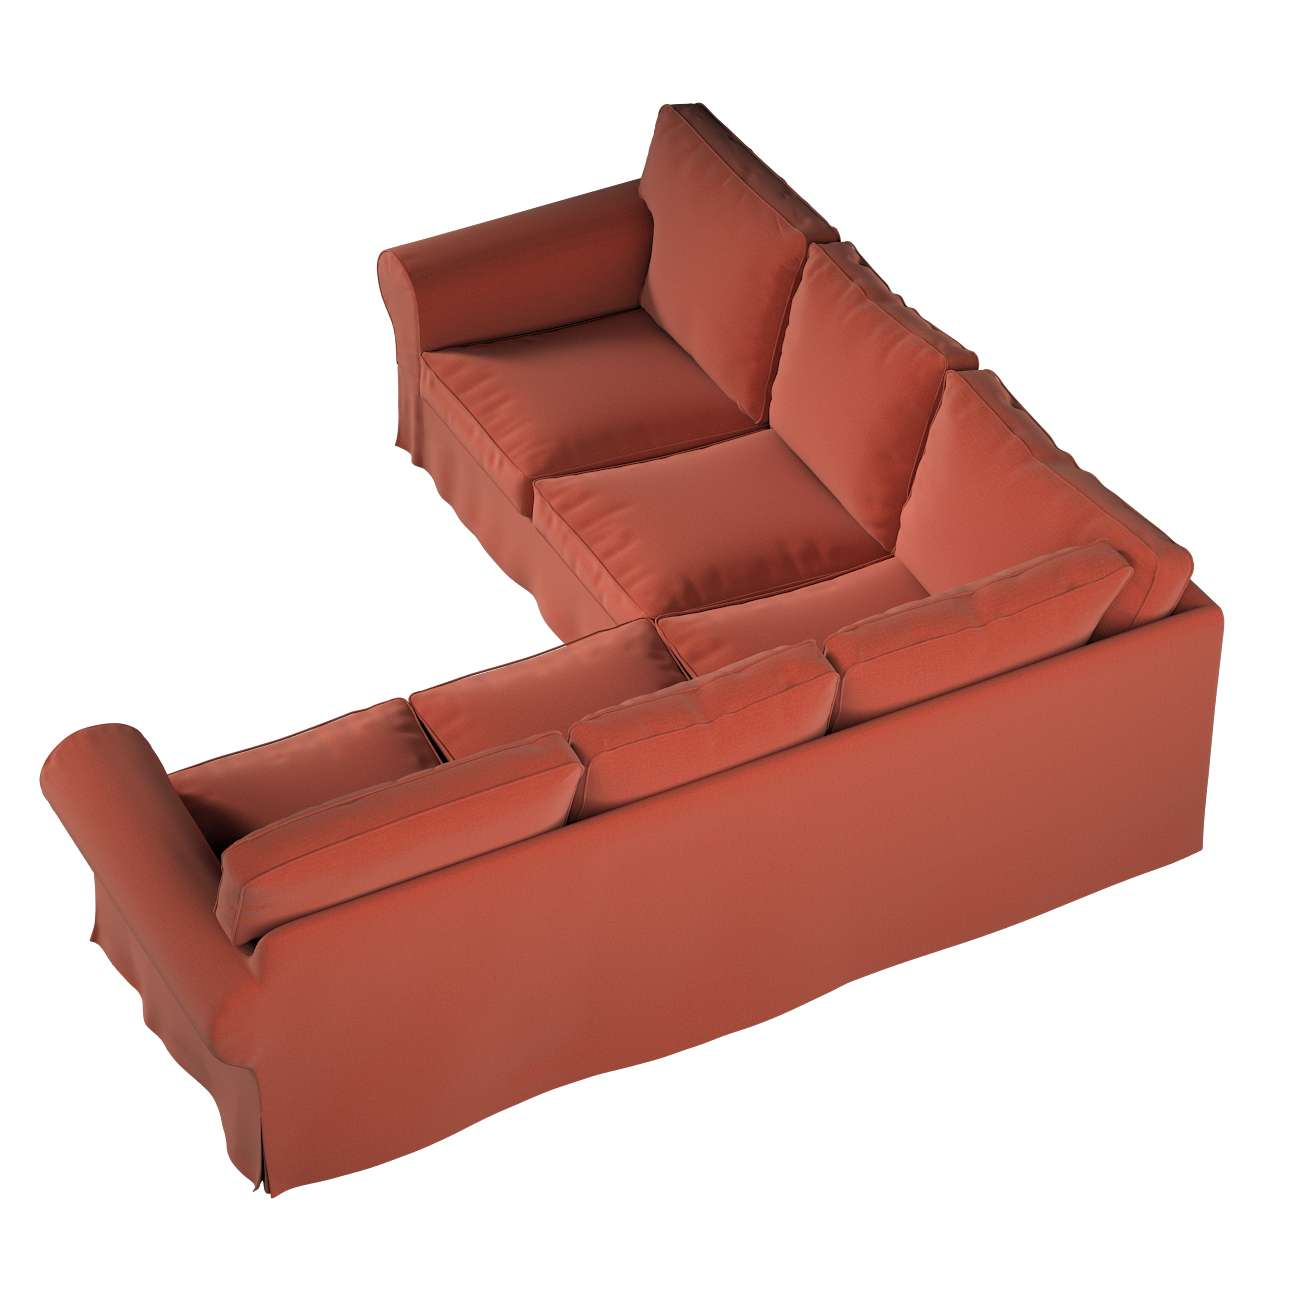 Pokrowiec Ektorp na sofę narożną w kolekcji Ingrid, tkanina: 705-37